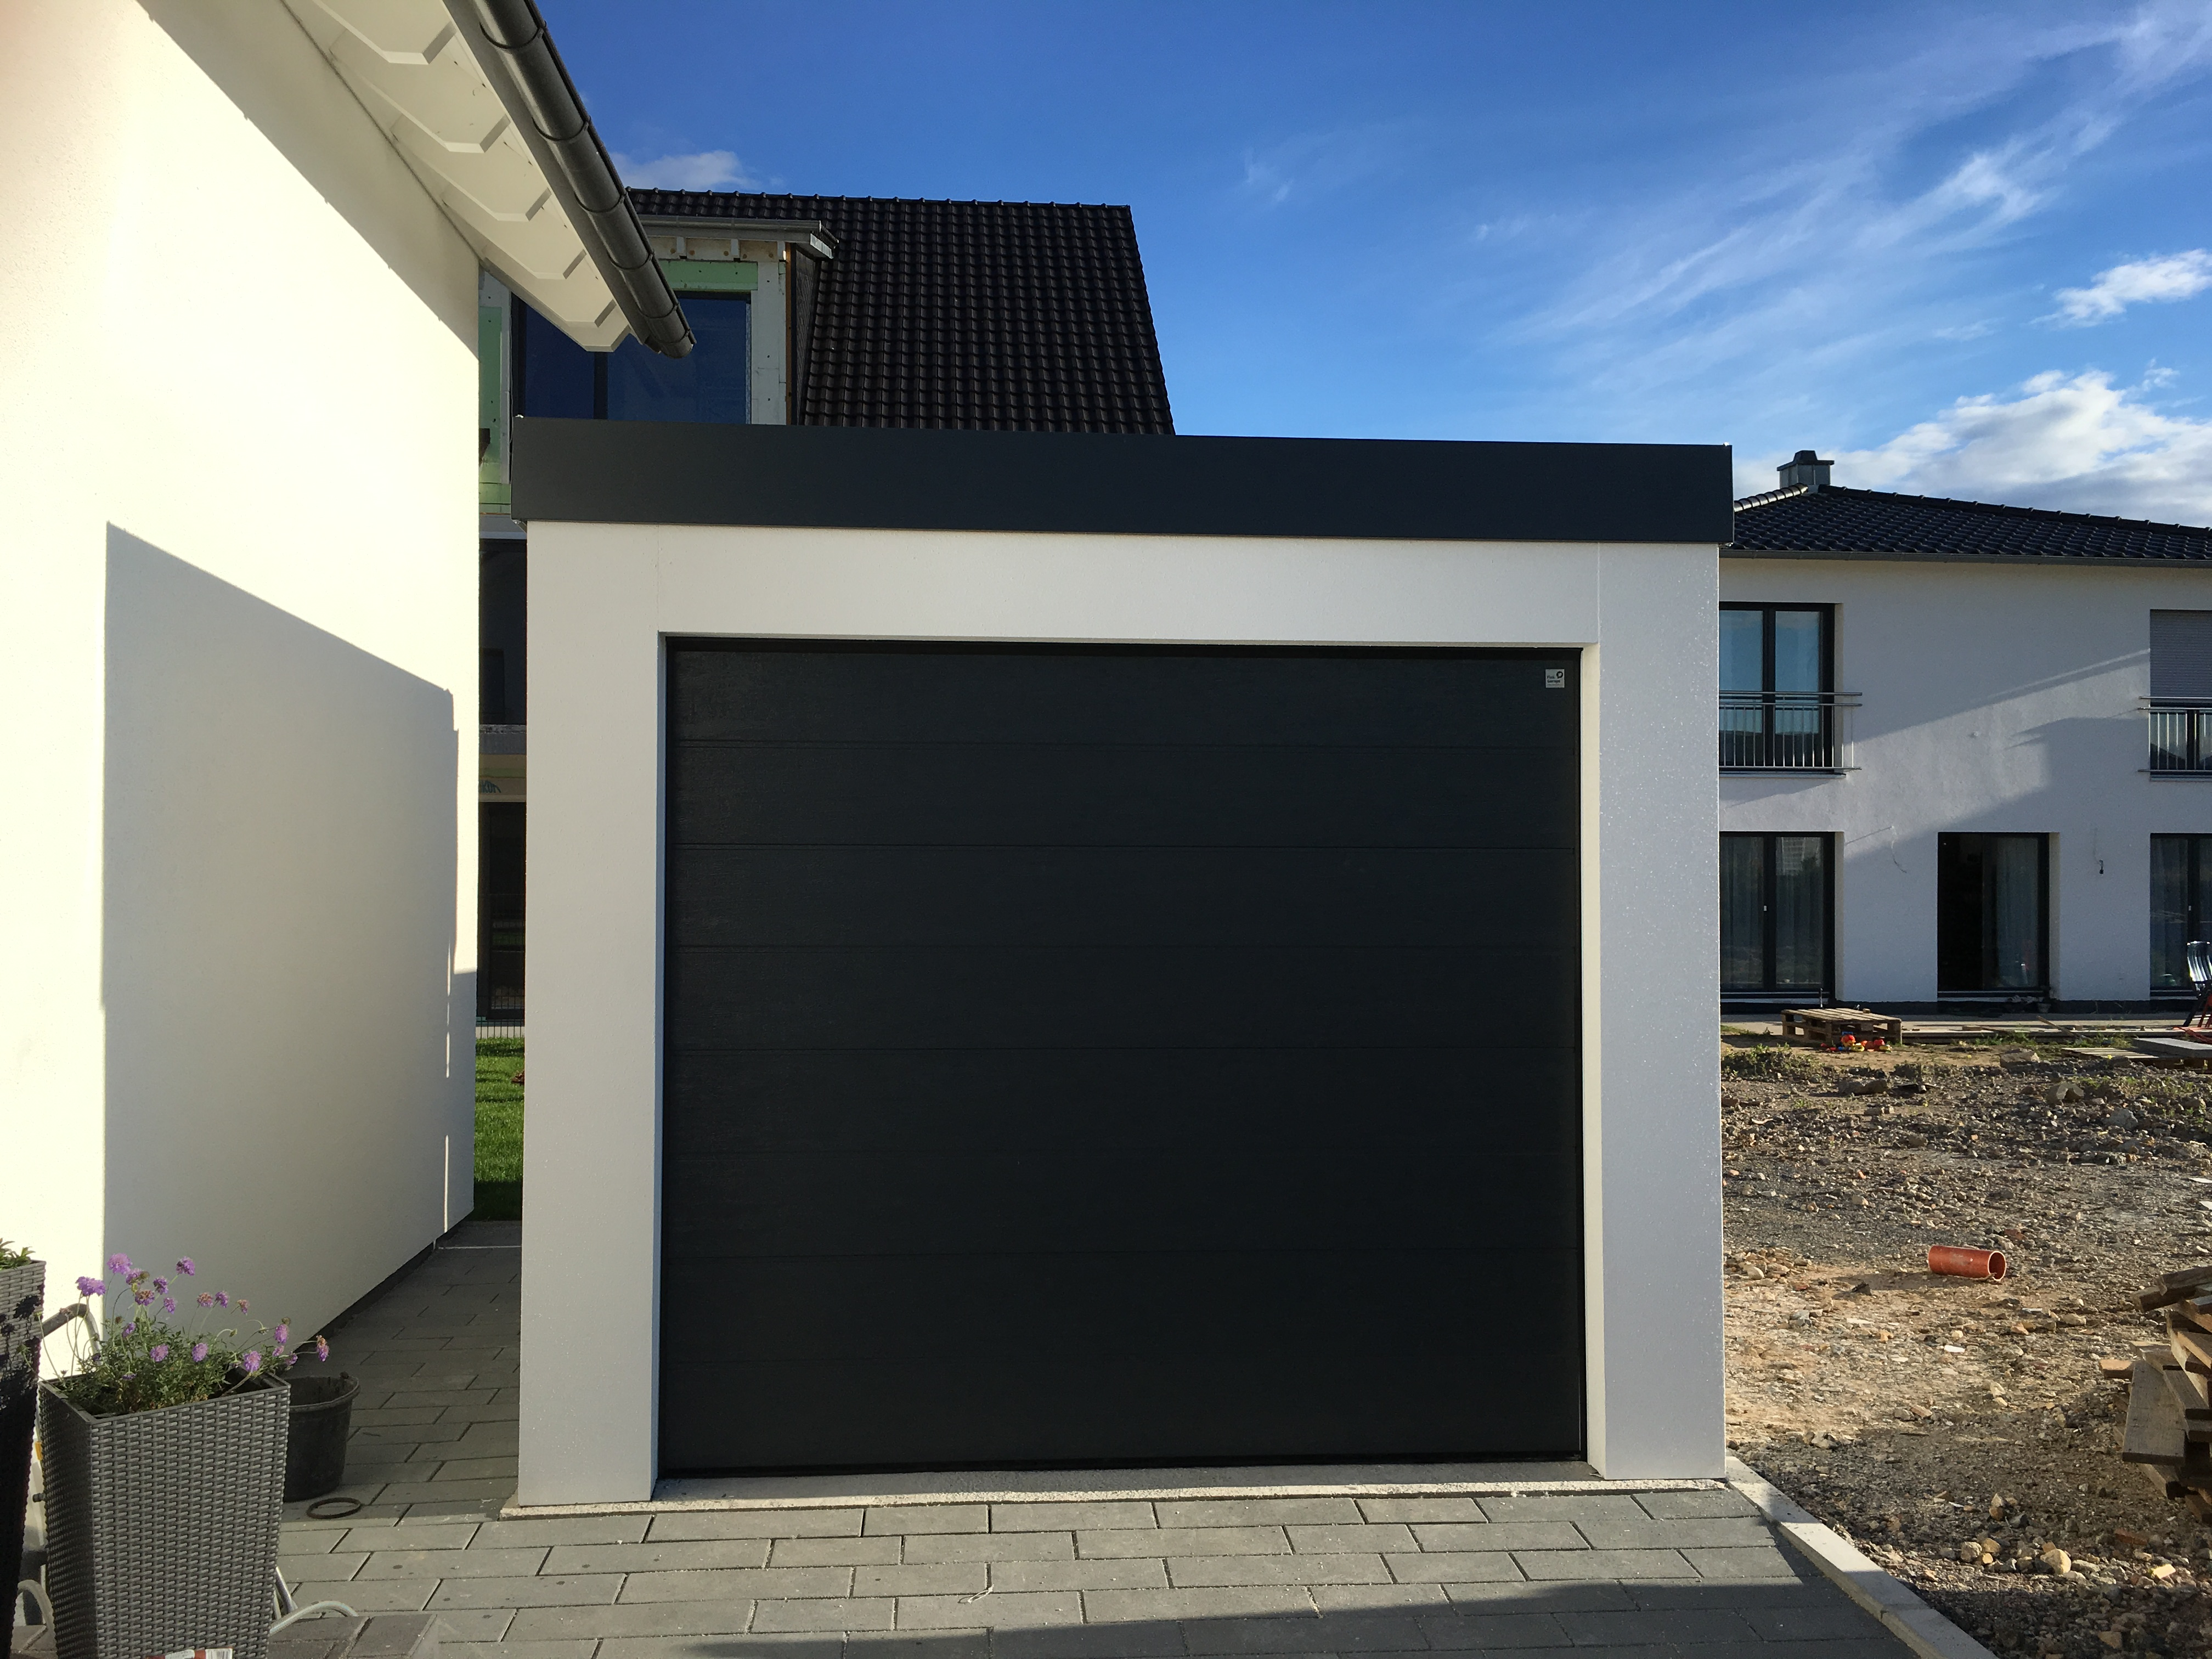 Garage 3x3m in Holzständerbauweise